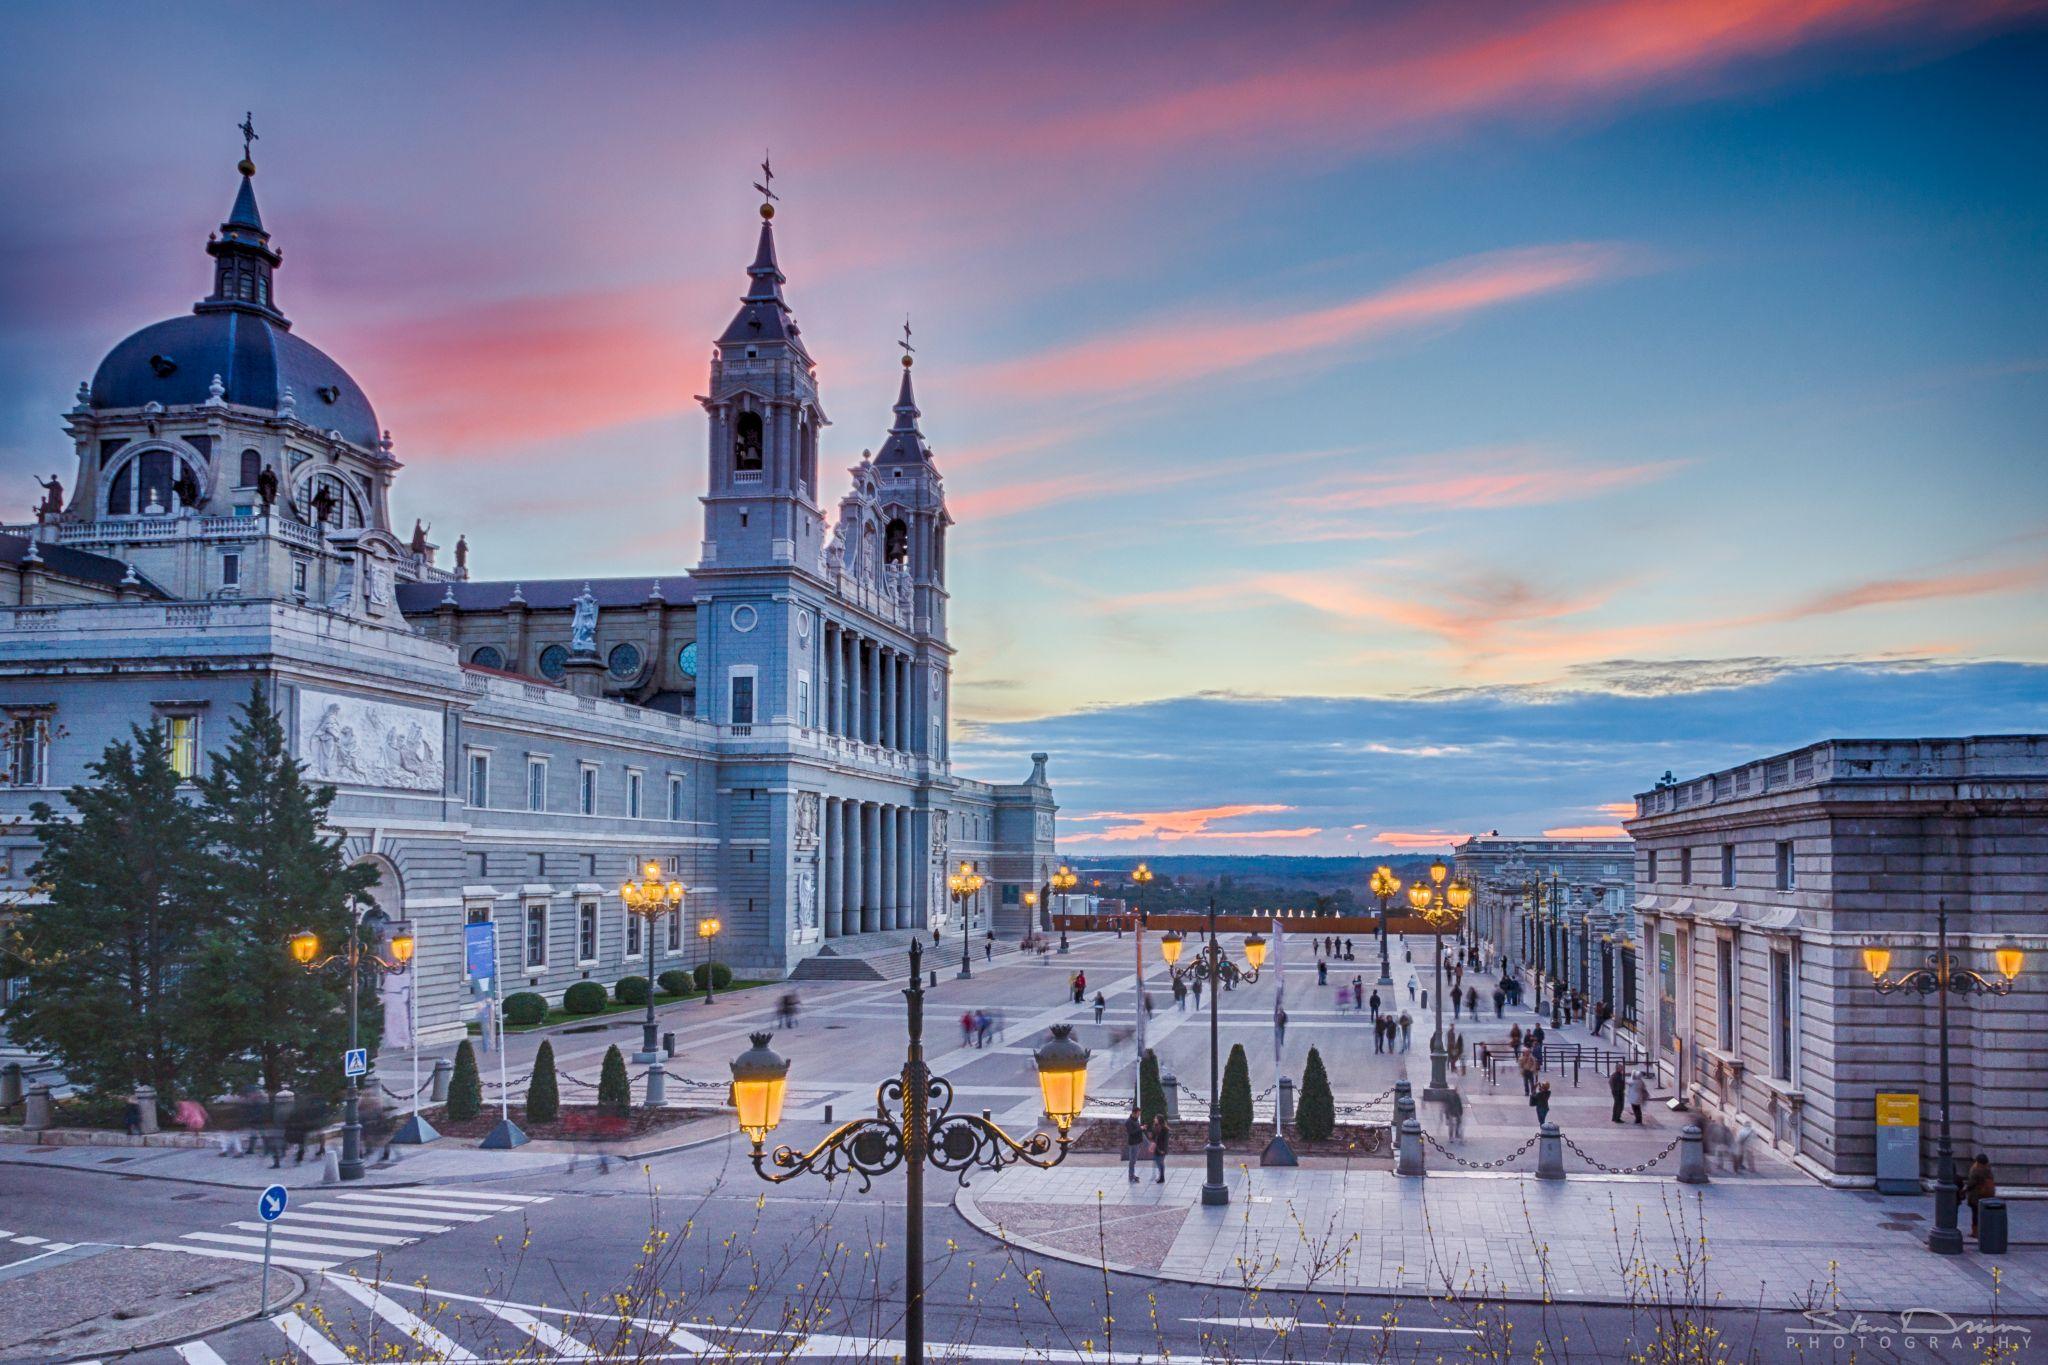 Catedral de la Almudena, Spain